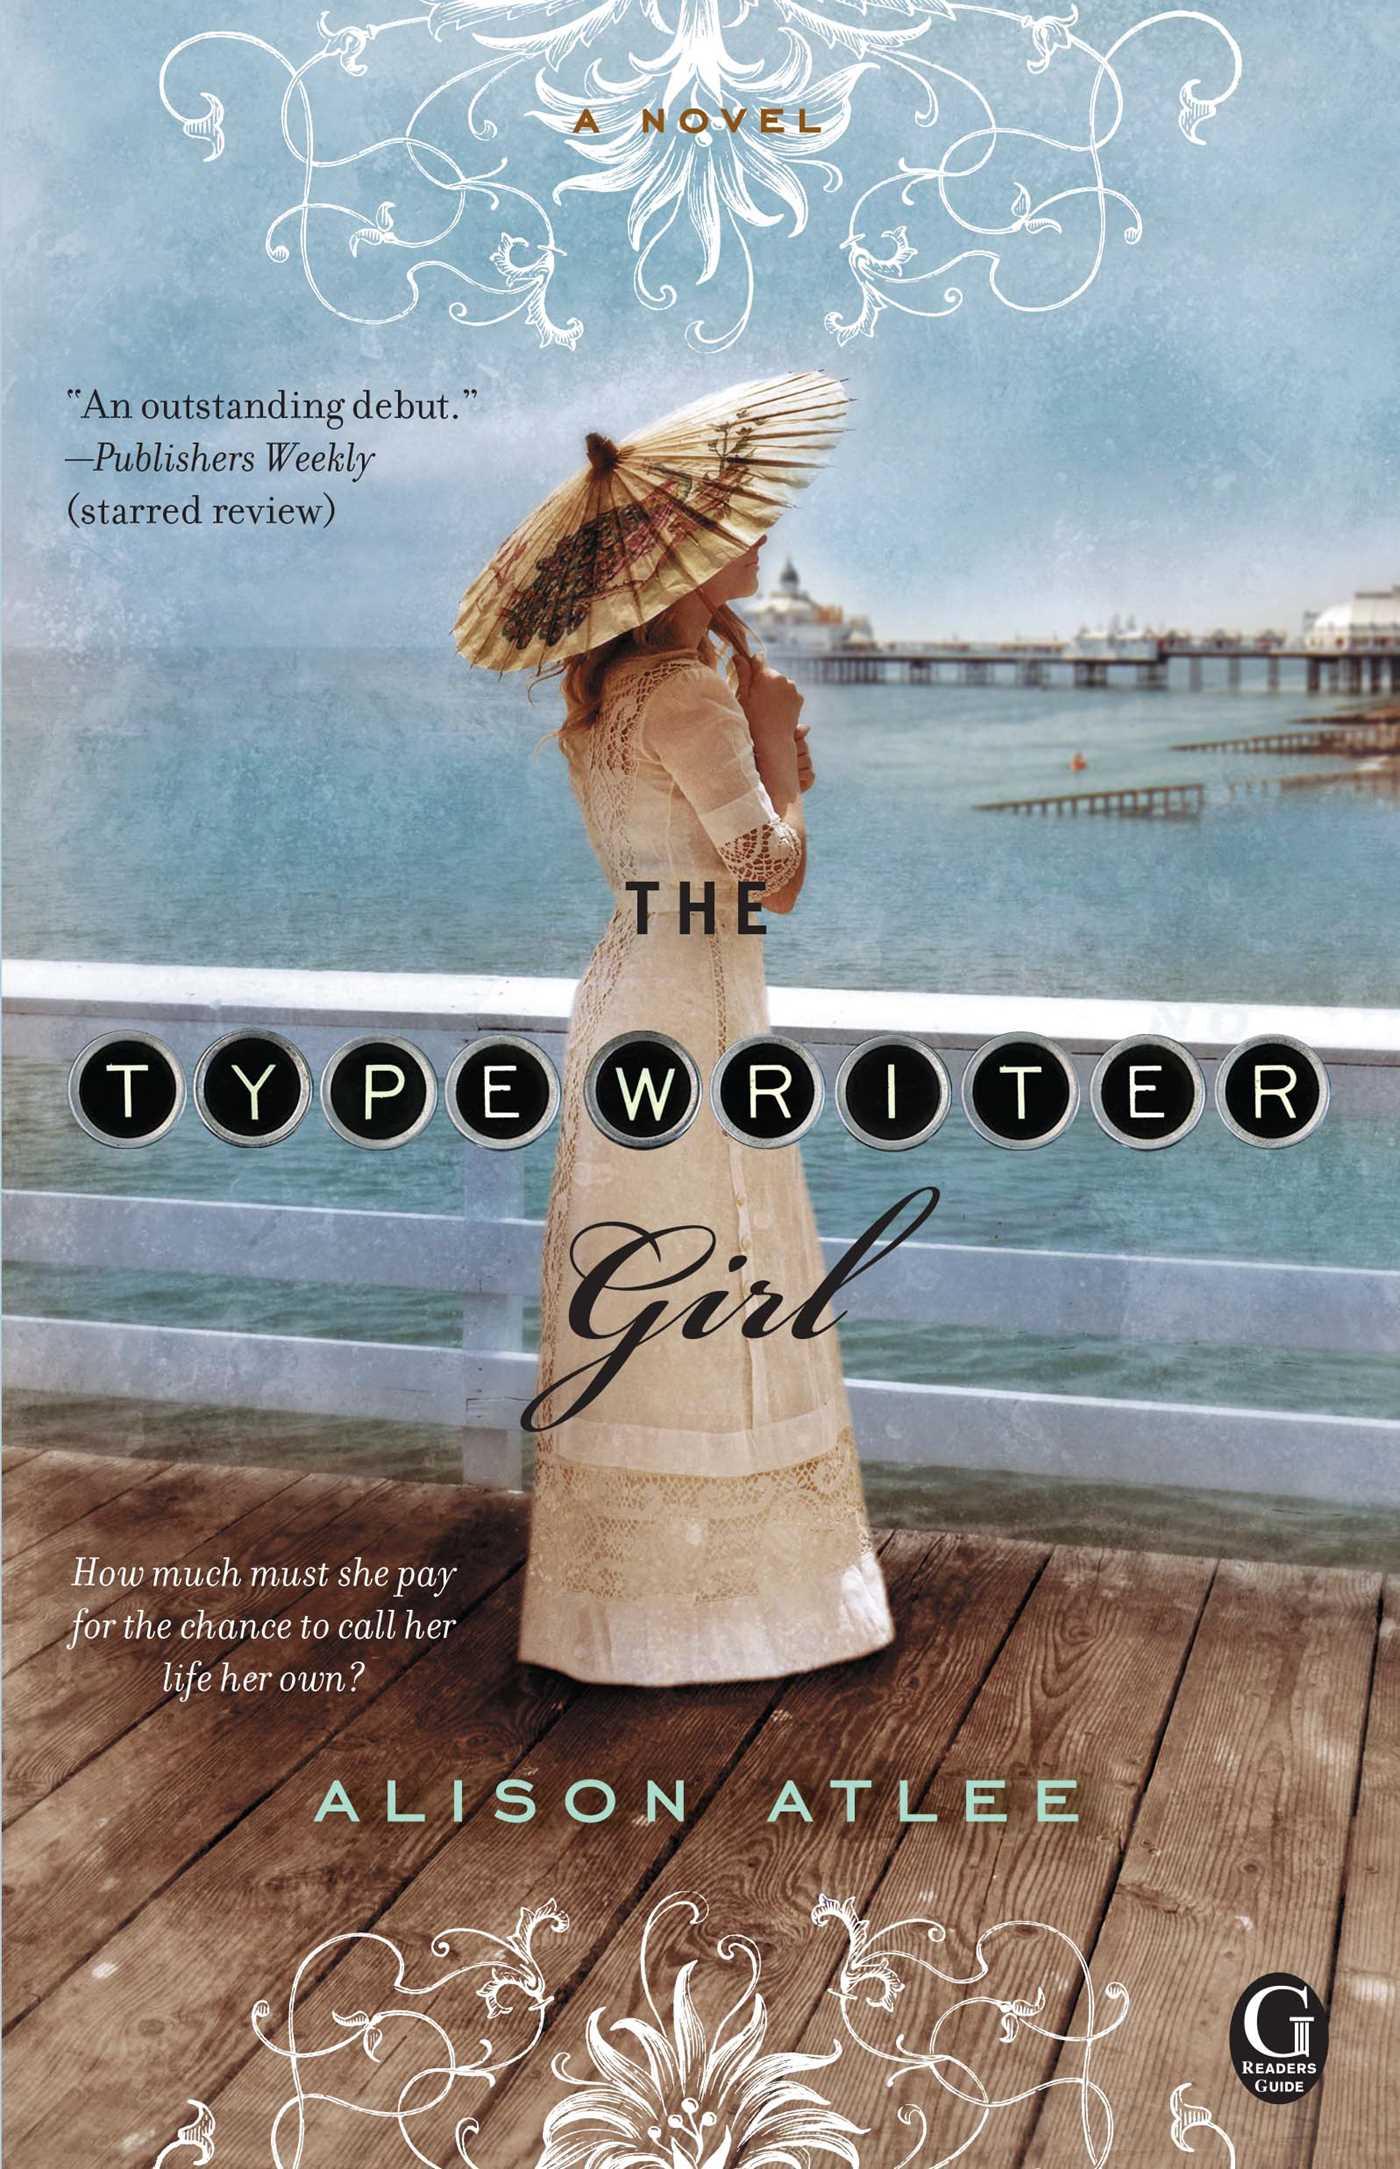 The typewriter girl 9781451673258 hr